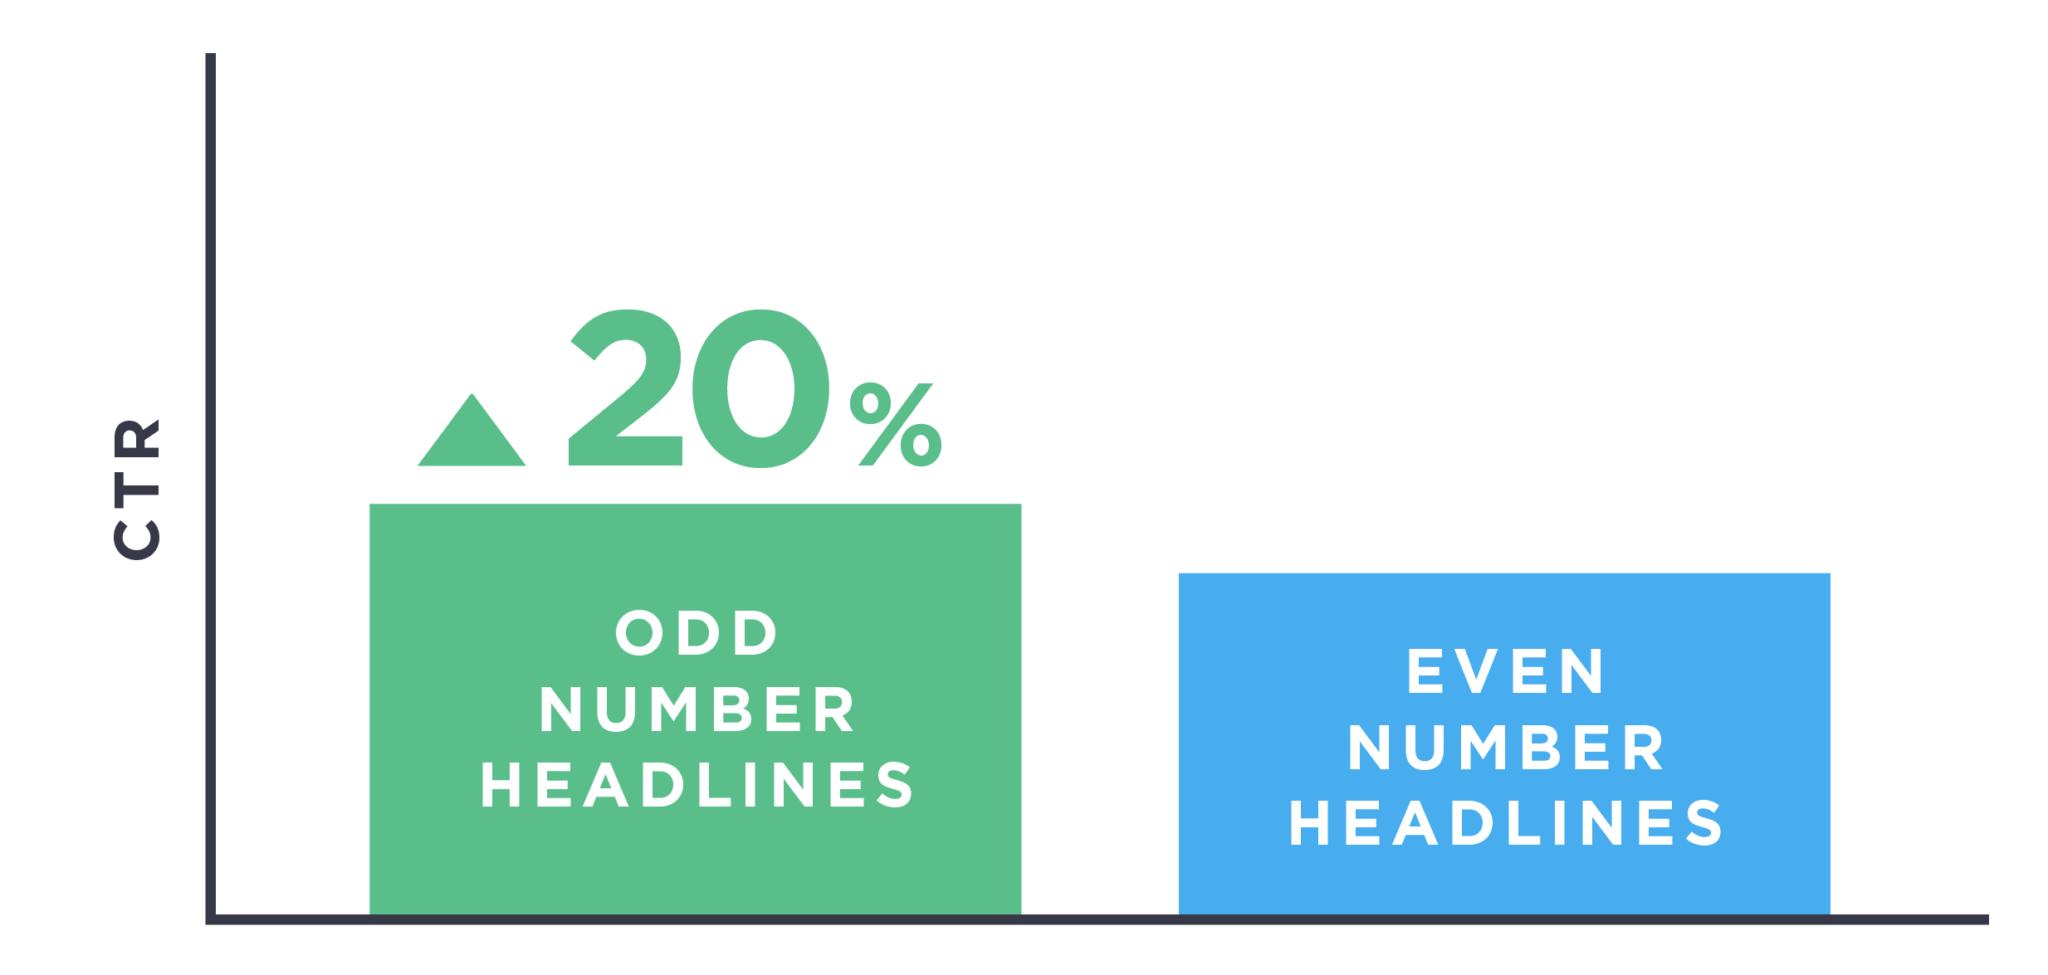 tiêu đề có số lẻ có tỷ lệ click cao hơn 20% so với tiêu đề có số chẵn